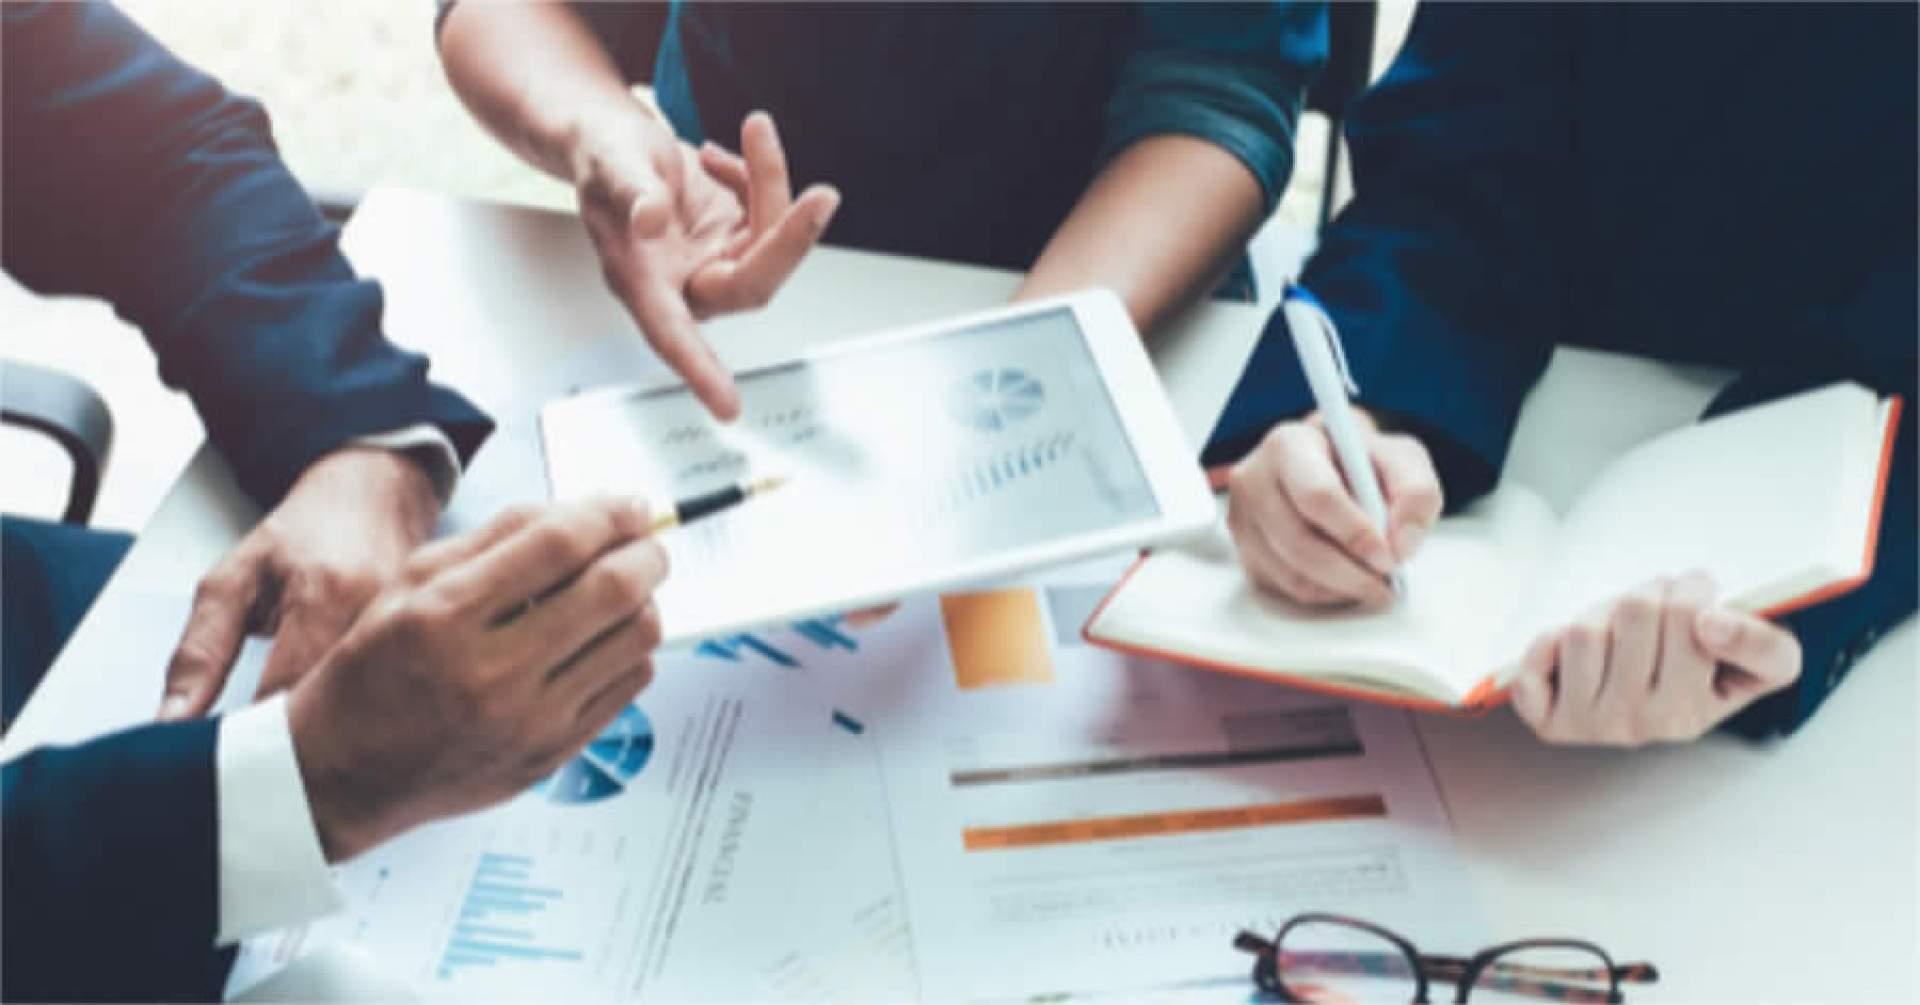 Foto - Associado da CDL Barra Mansa pode contar com assessoria financeira gratuita para sua empresa